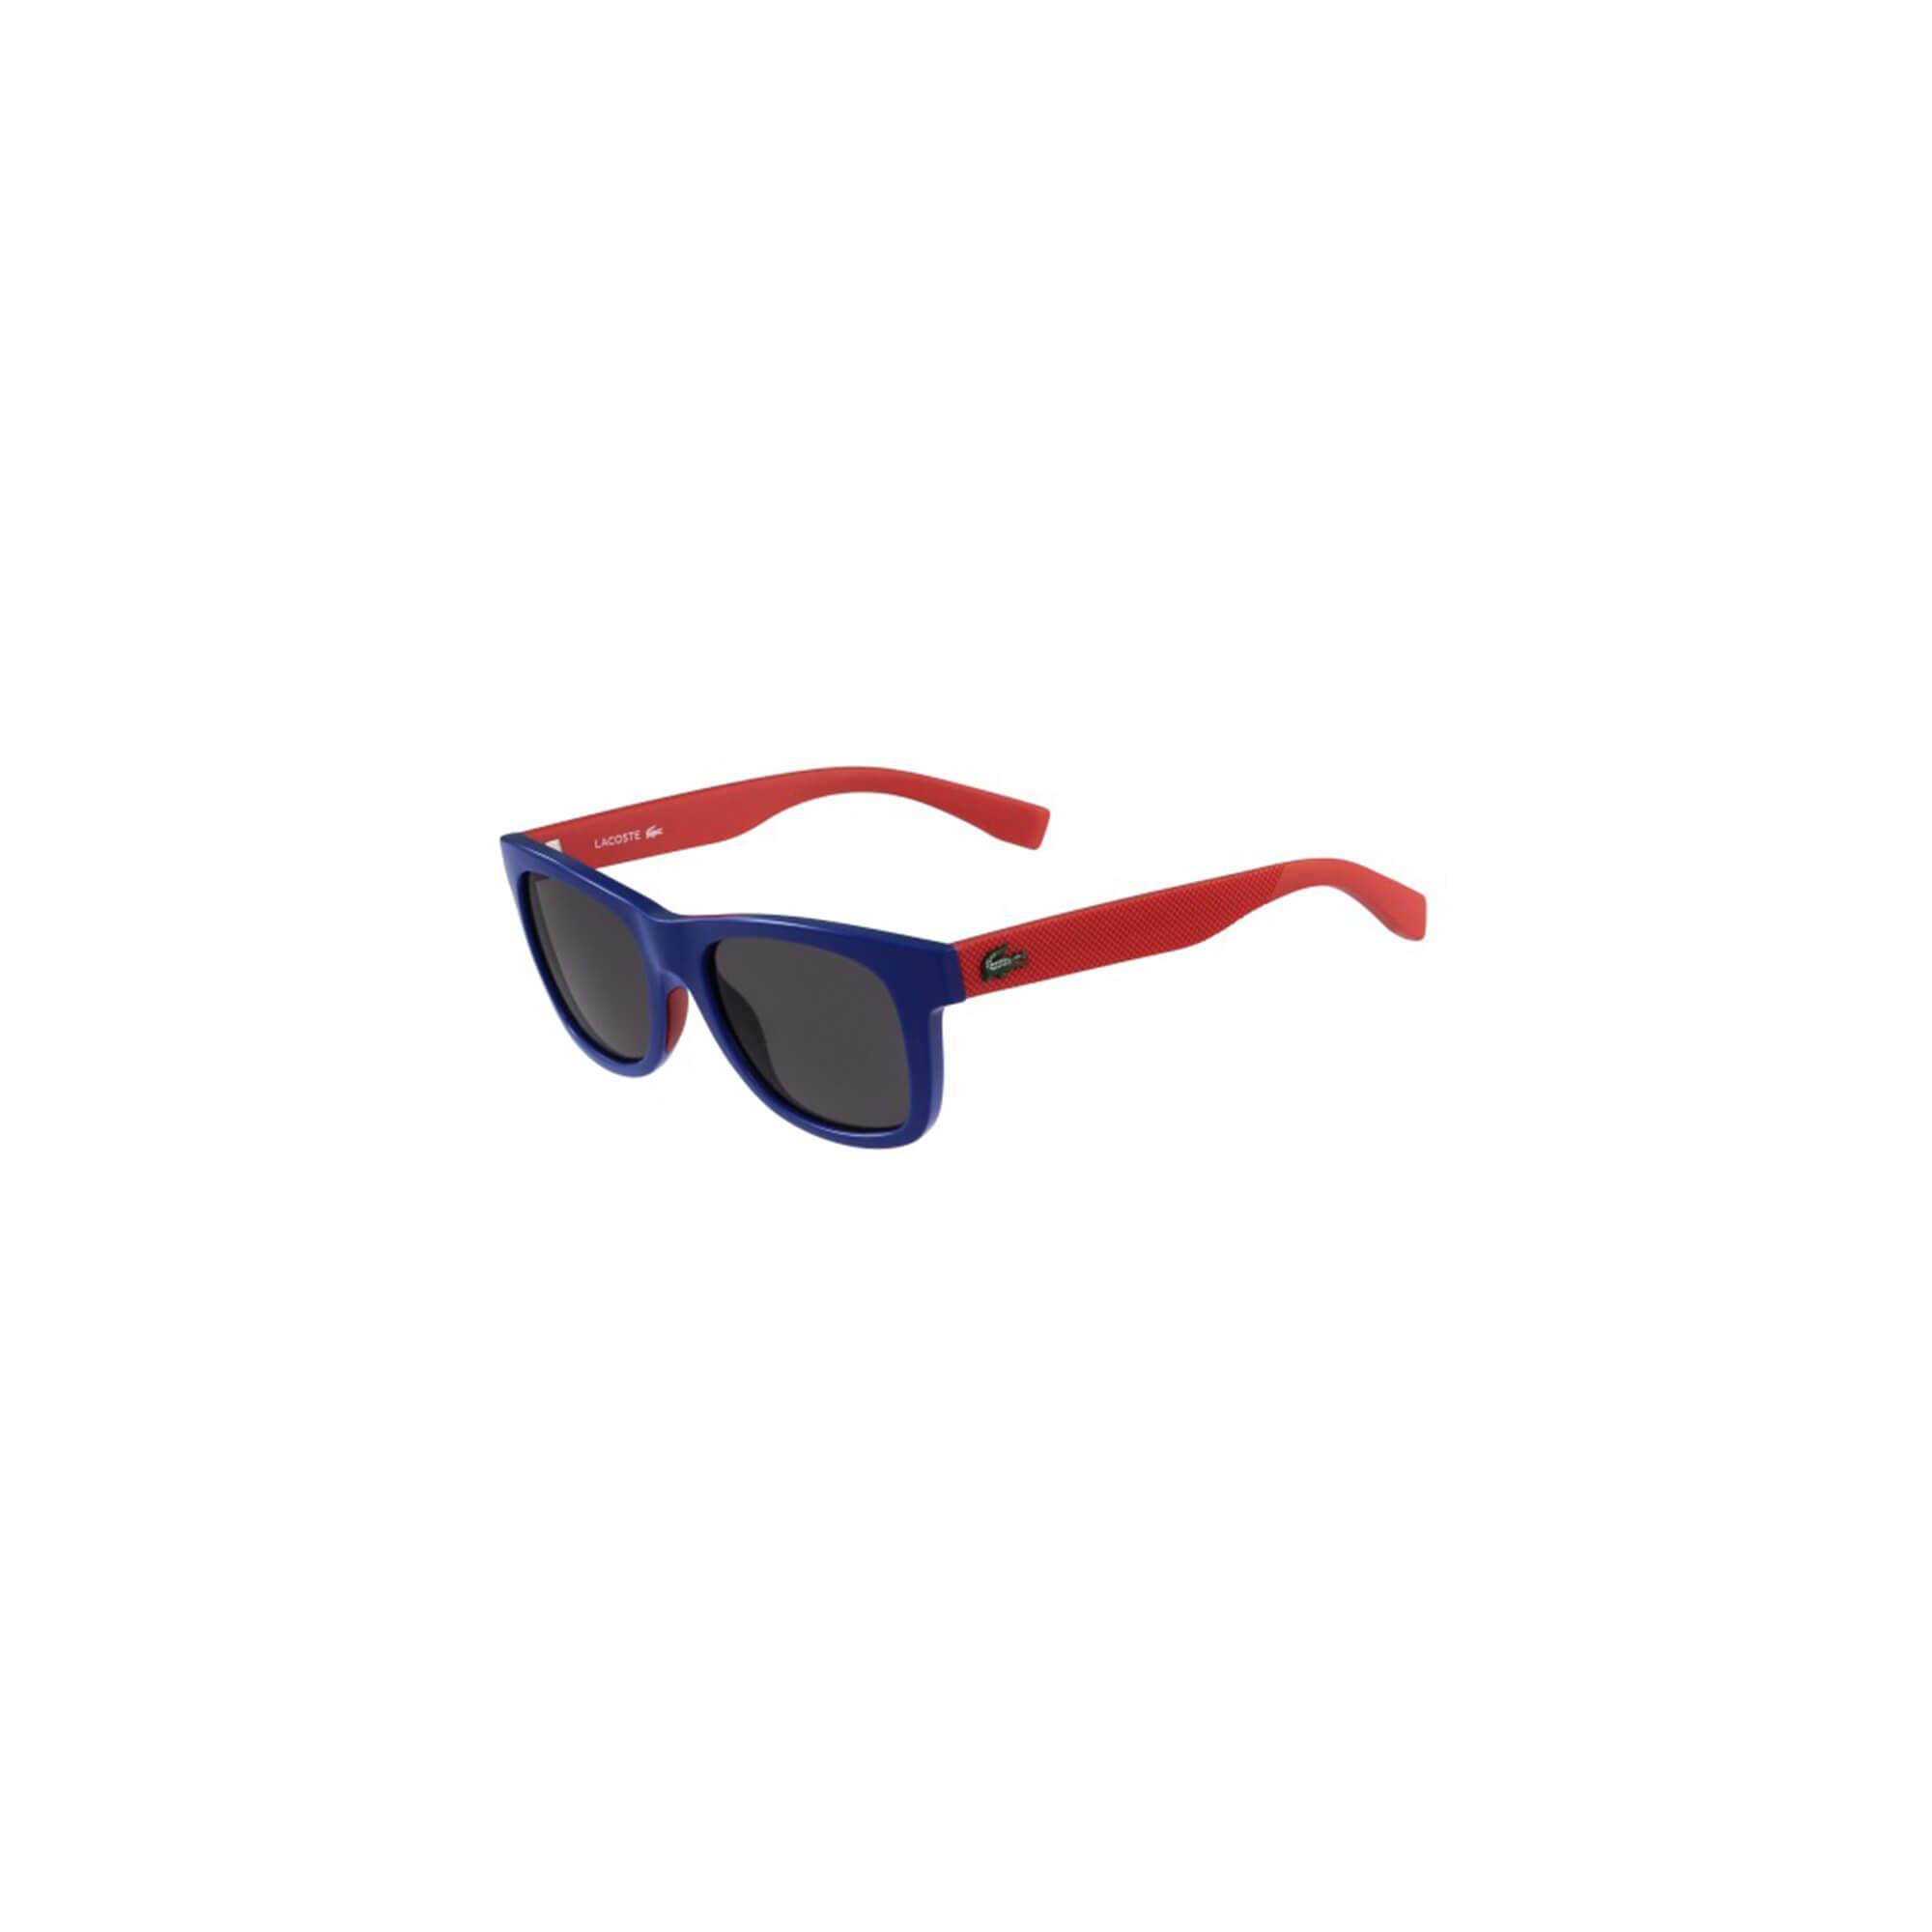 Lacoste Unisex Çocuk Mavi Güneş Gözlüğü